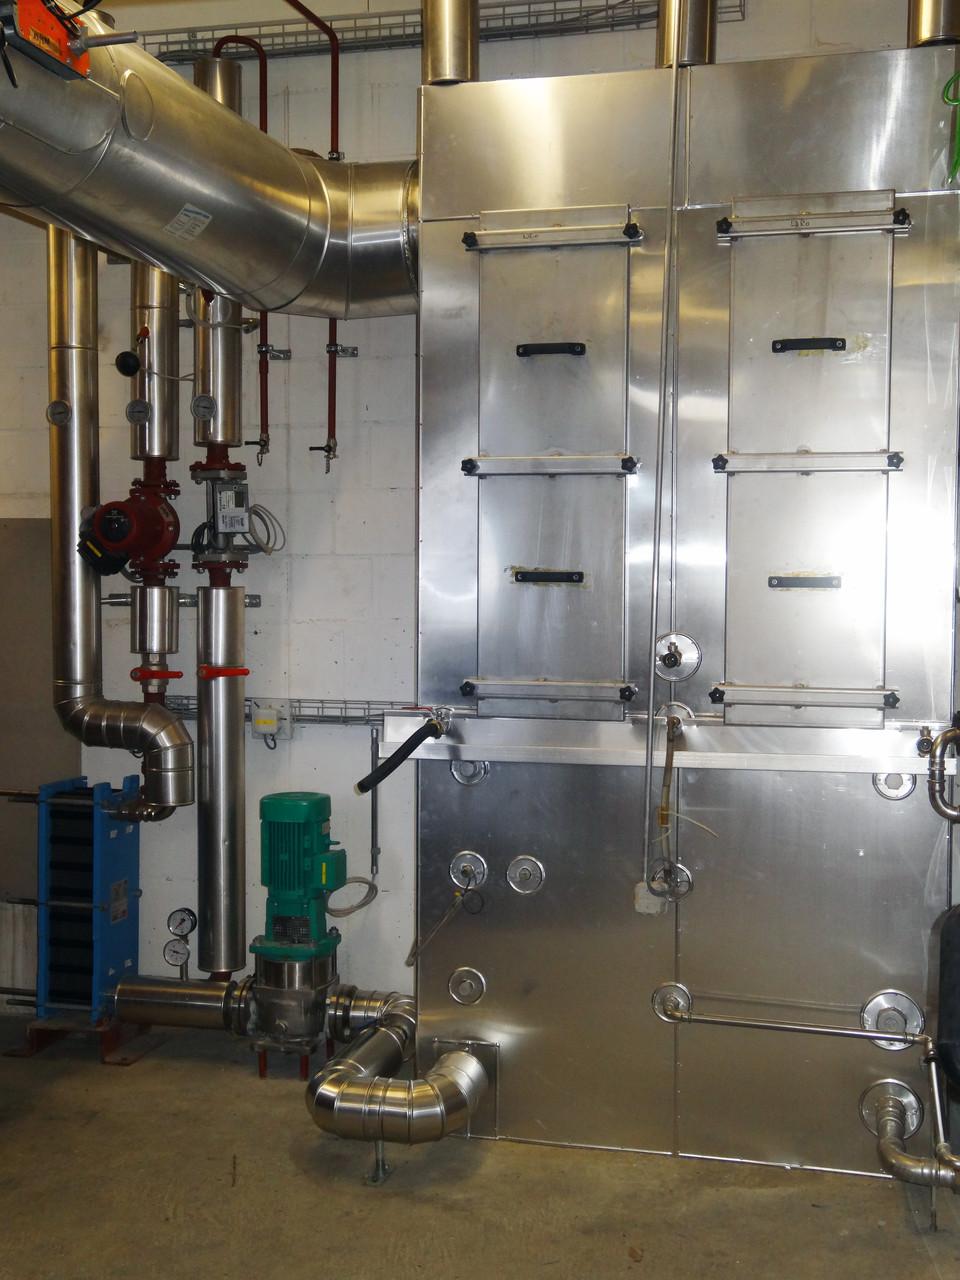 Abluftwaschanlage, Brandschutz an Schnitzelheizung